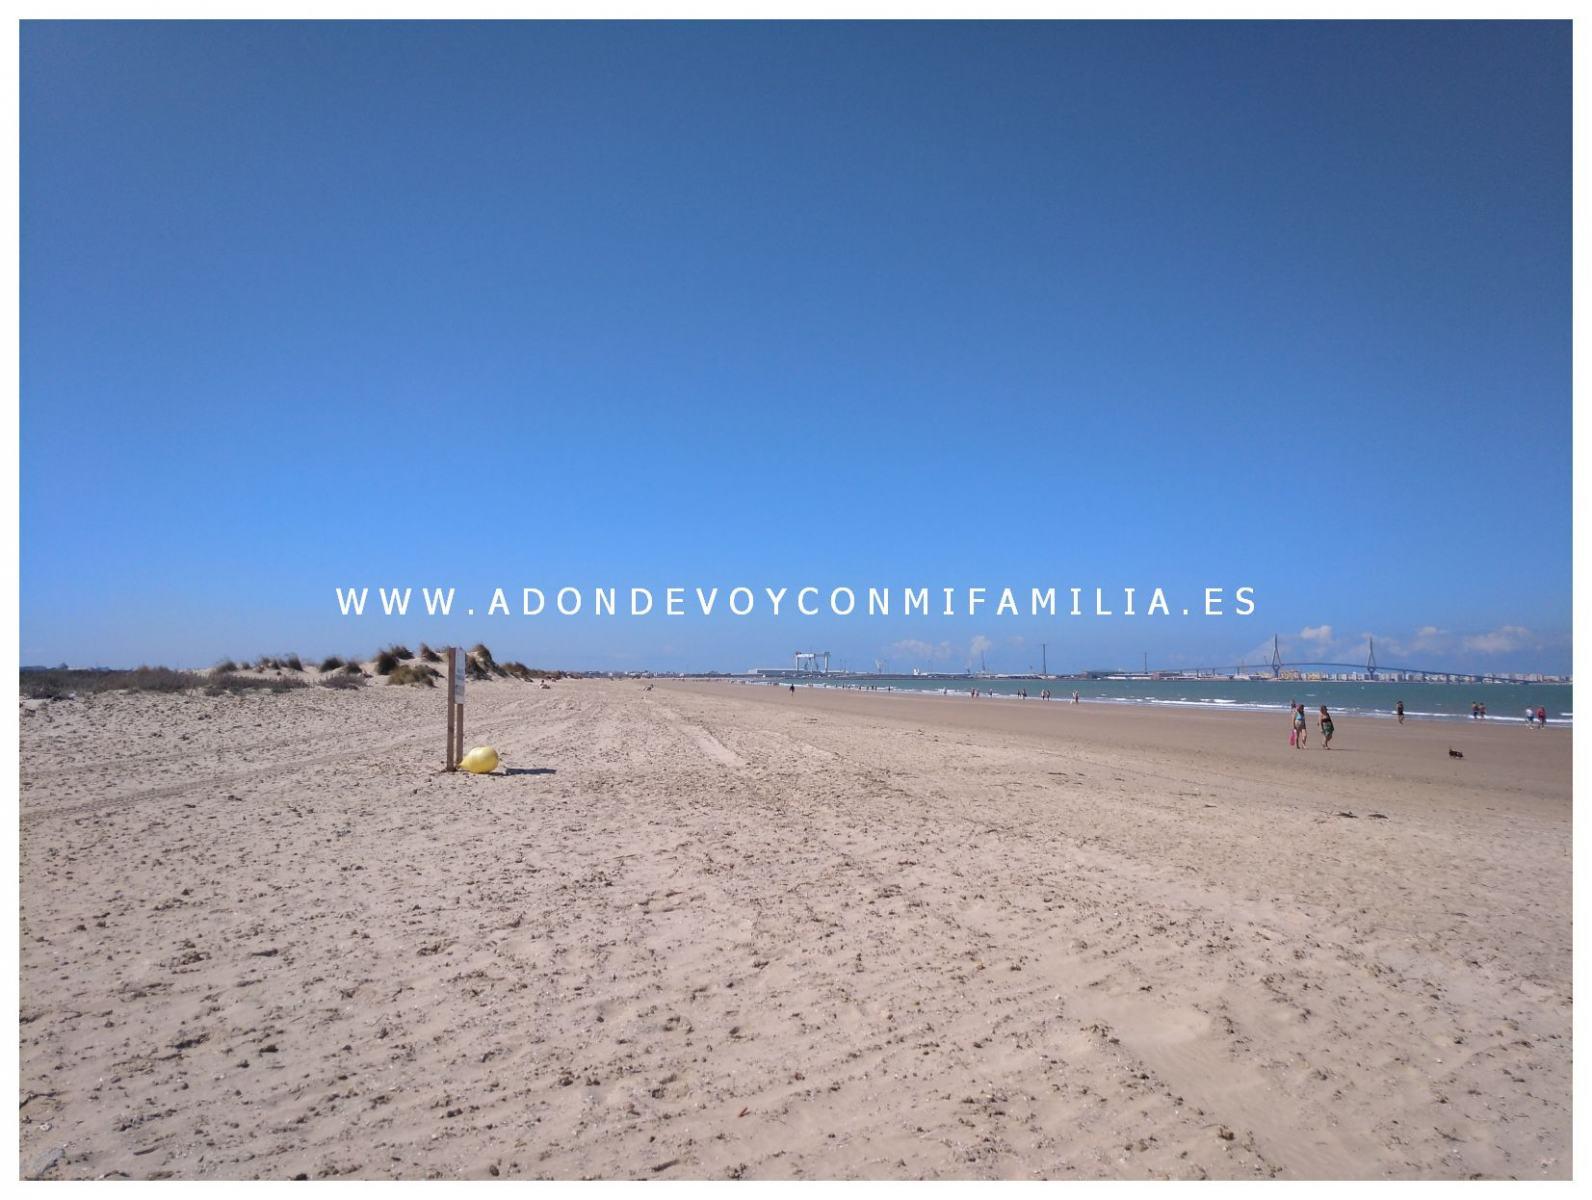 1_los-torunos-adondevoyconmifamilia-005